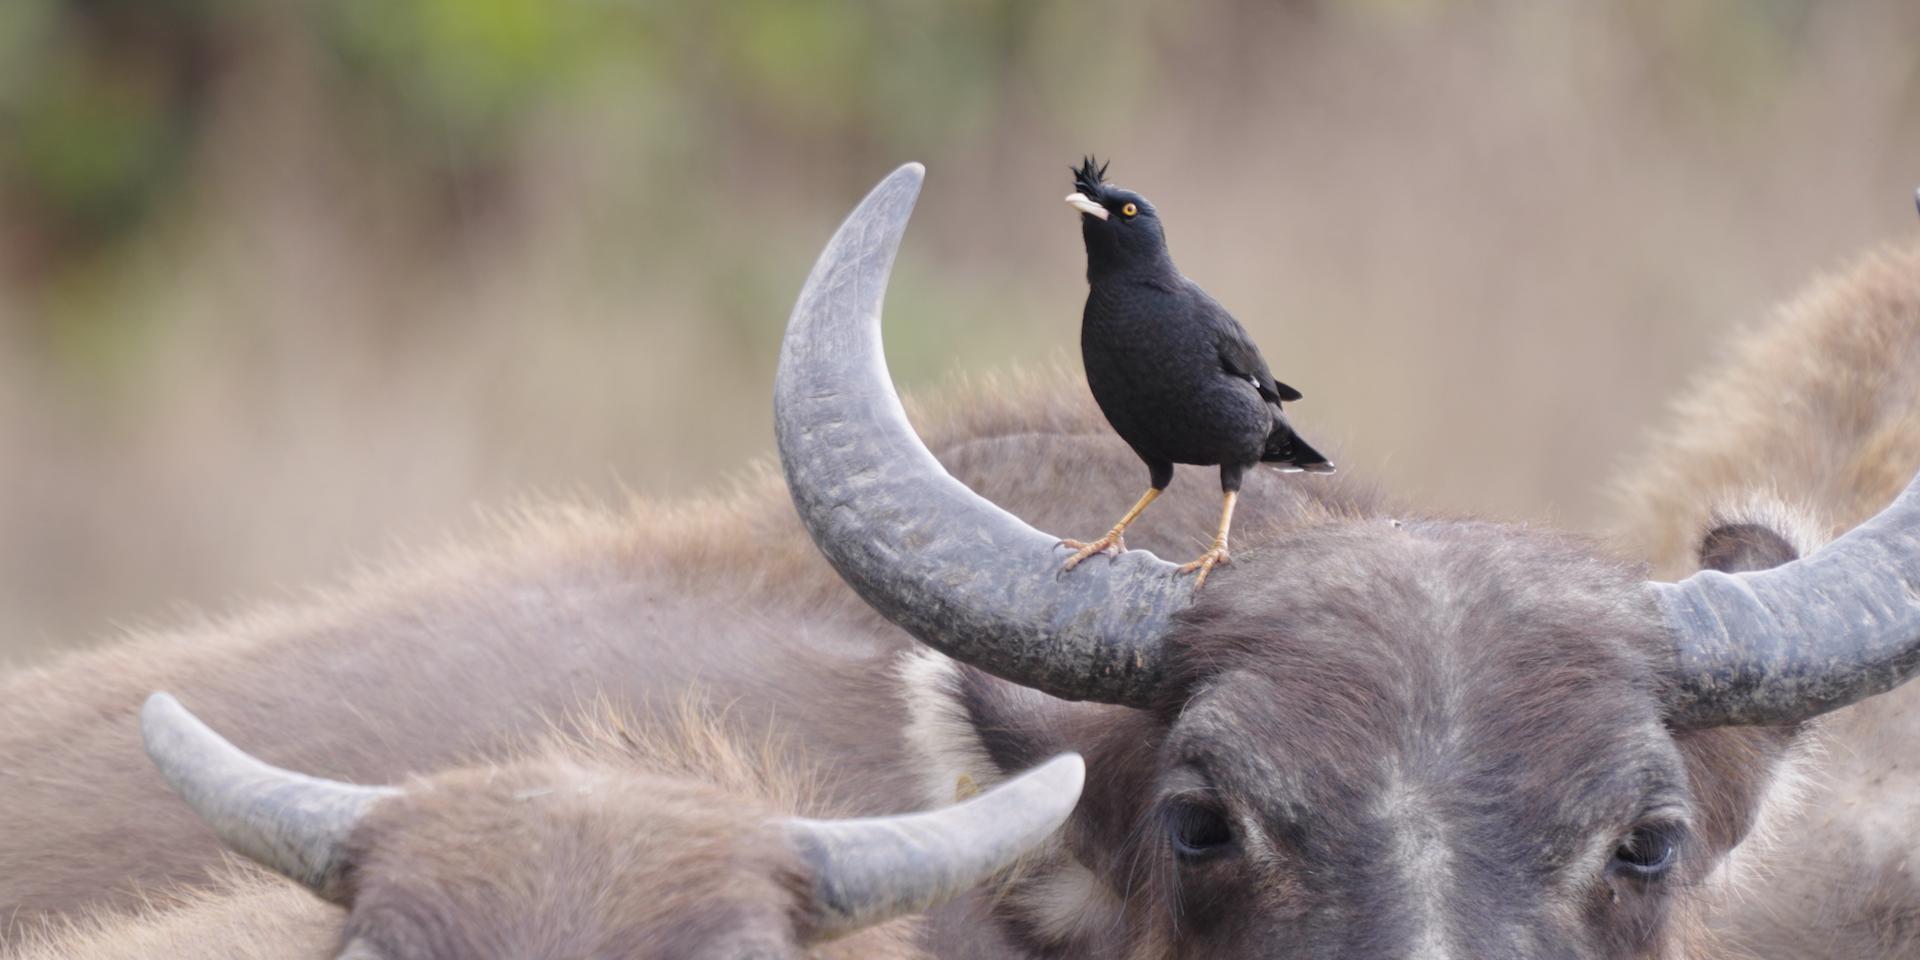 八哥和水牛。 © FHS